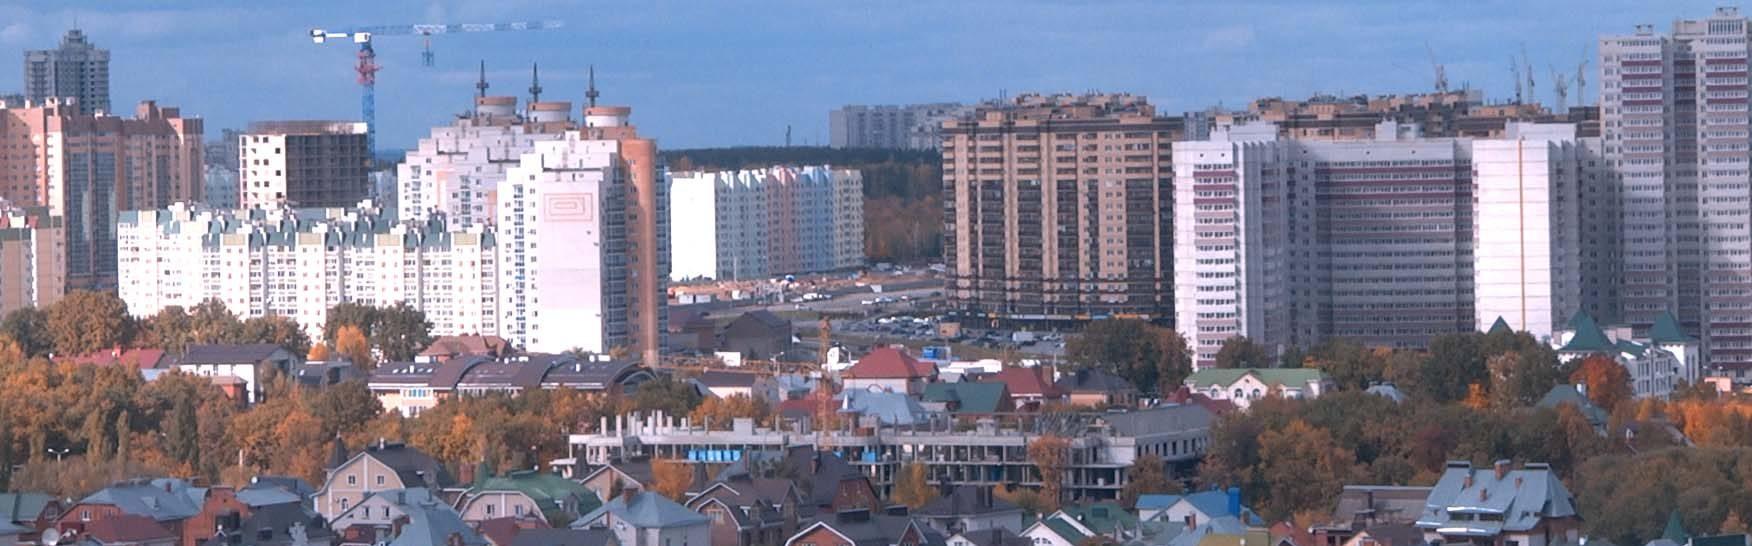 ВРОО развития инициатив «Комфорт города»